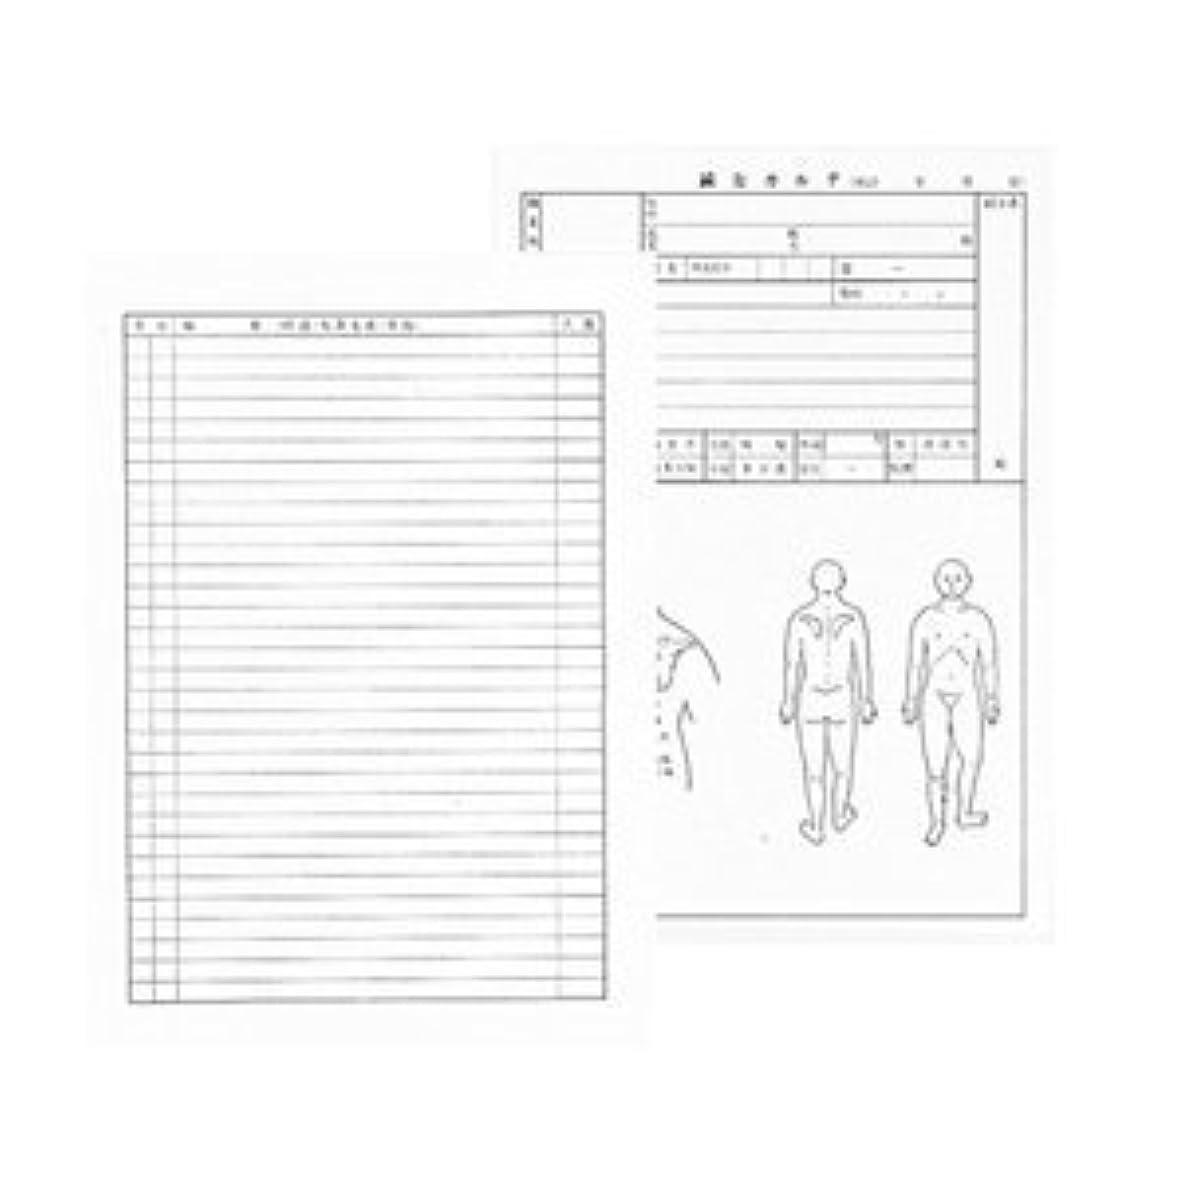 誠意カードラフト【メディカルブック】針灸カルテ(鍼灸カルテ)(A4)100枚1組(SS-101)